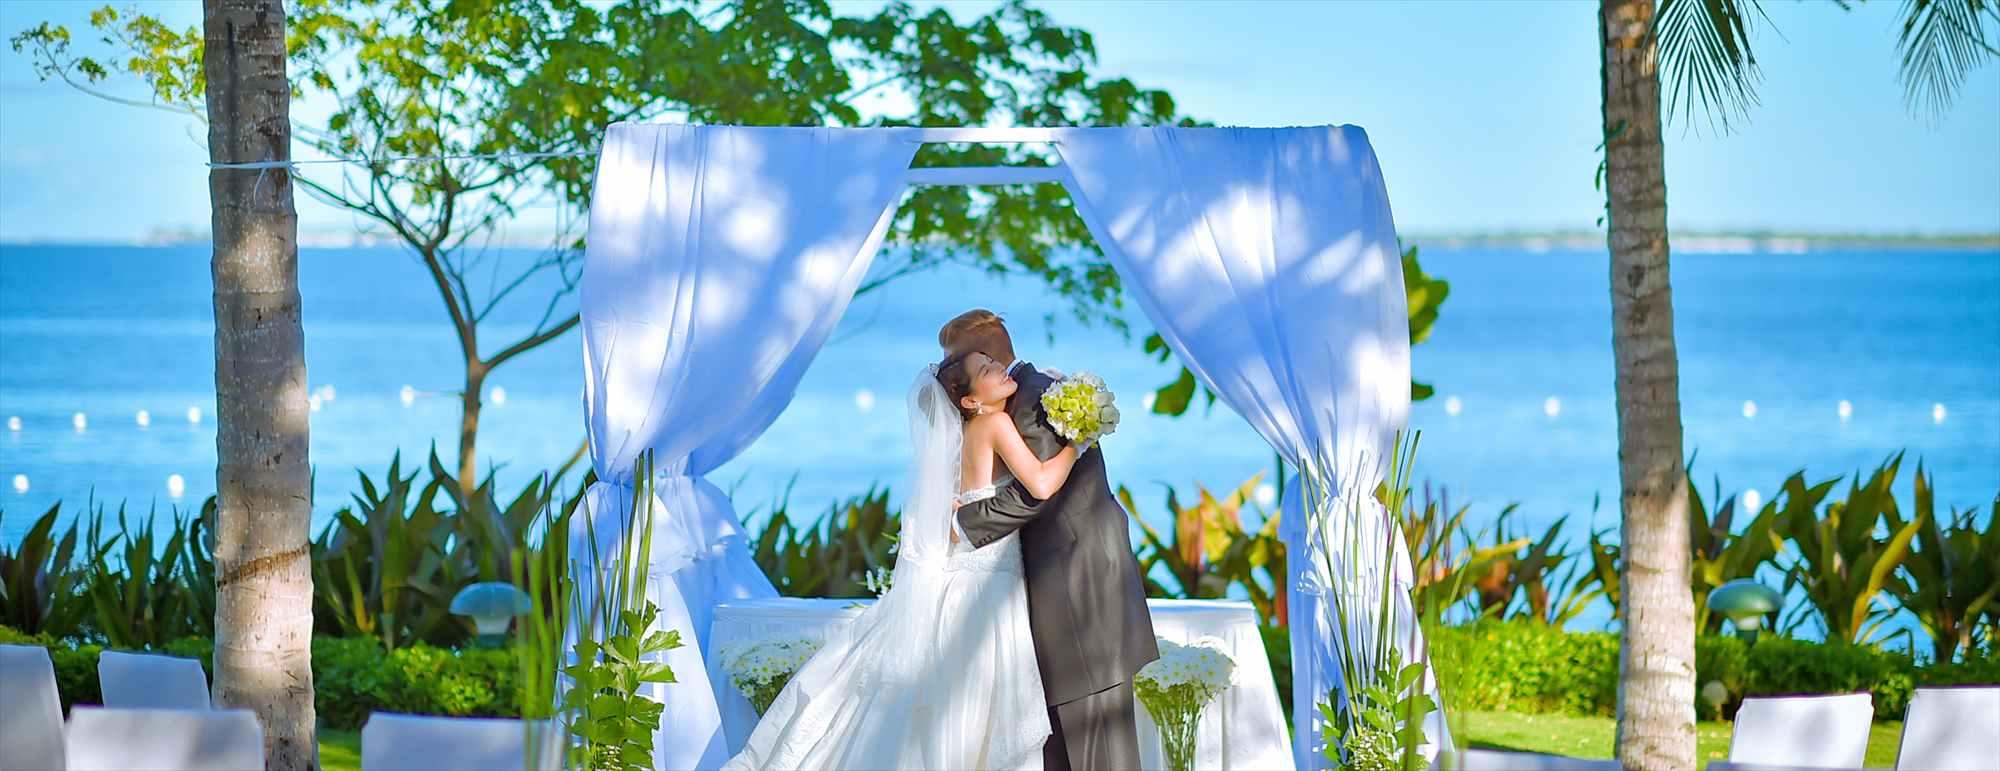 セブ島ガーデン・ウェディングCrimson Resort&Spa Mactan Wedding~クリムゾン・リゾート&スパ・マクタン挙式